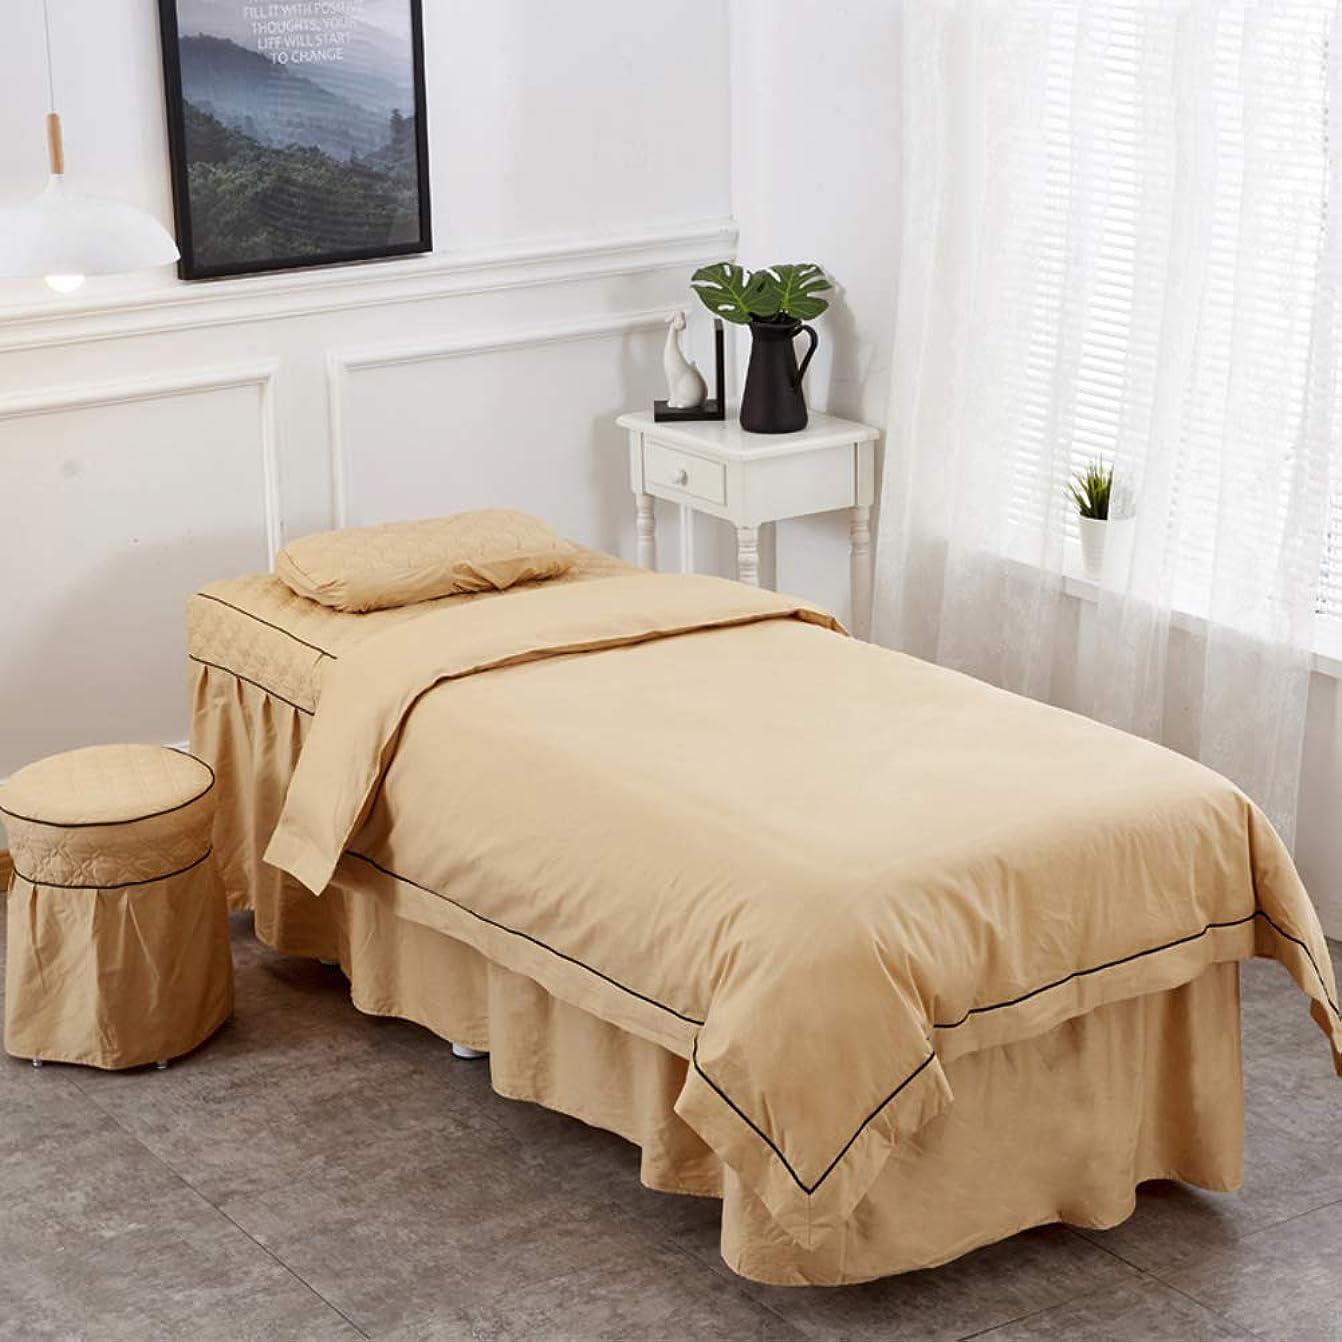 繁殖合理化祝う単色 マッサージ テーブル シート セット, 4 pc ベッドスプレッ の ビューティー サロン スパ スカート シート 毛布カバー 枕 チェアカバー ベッド-E 185X70cm